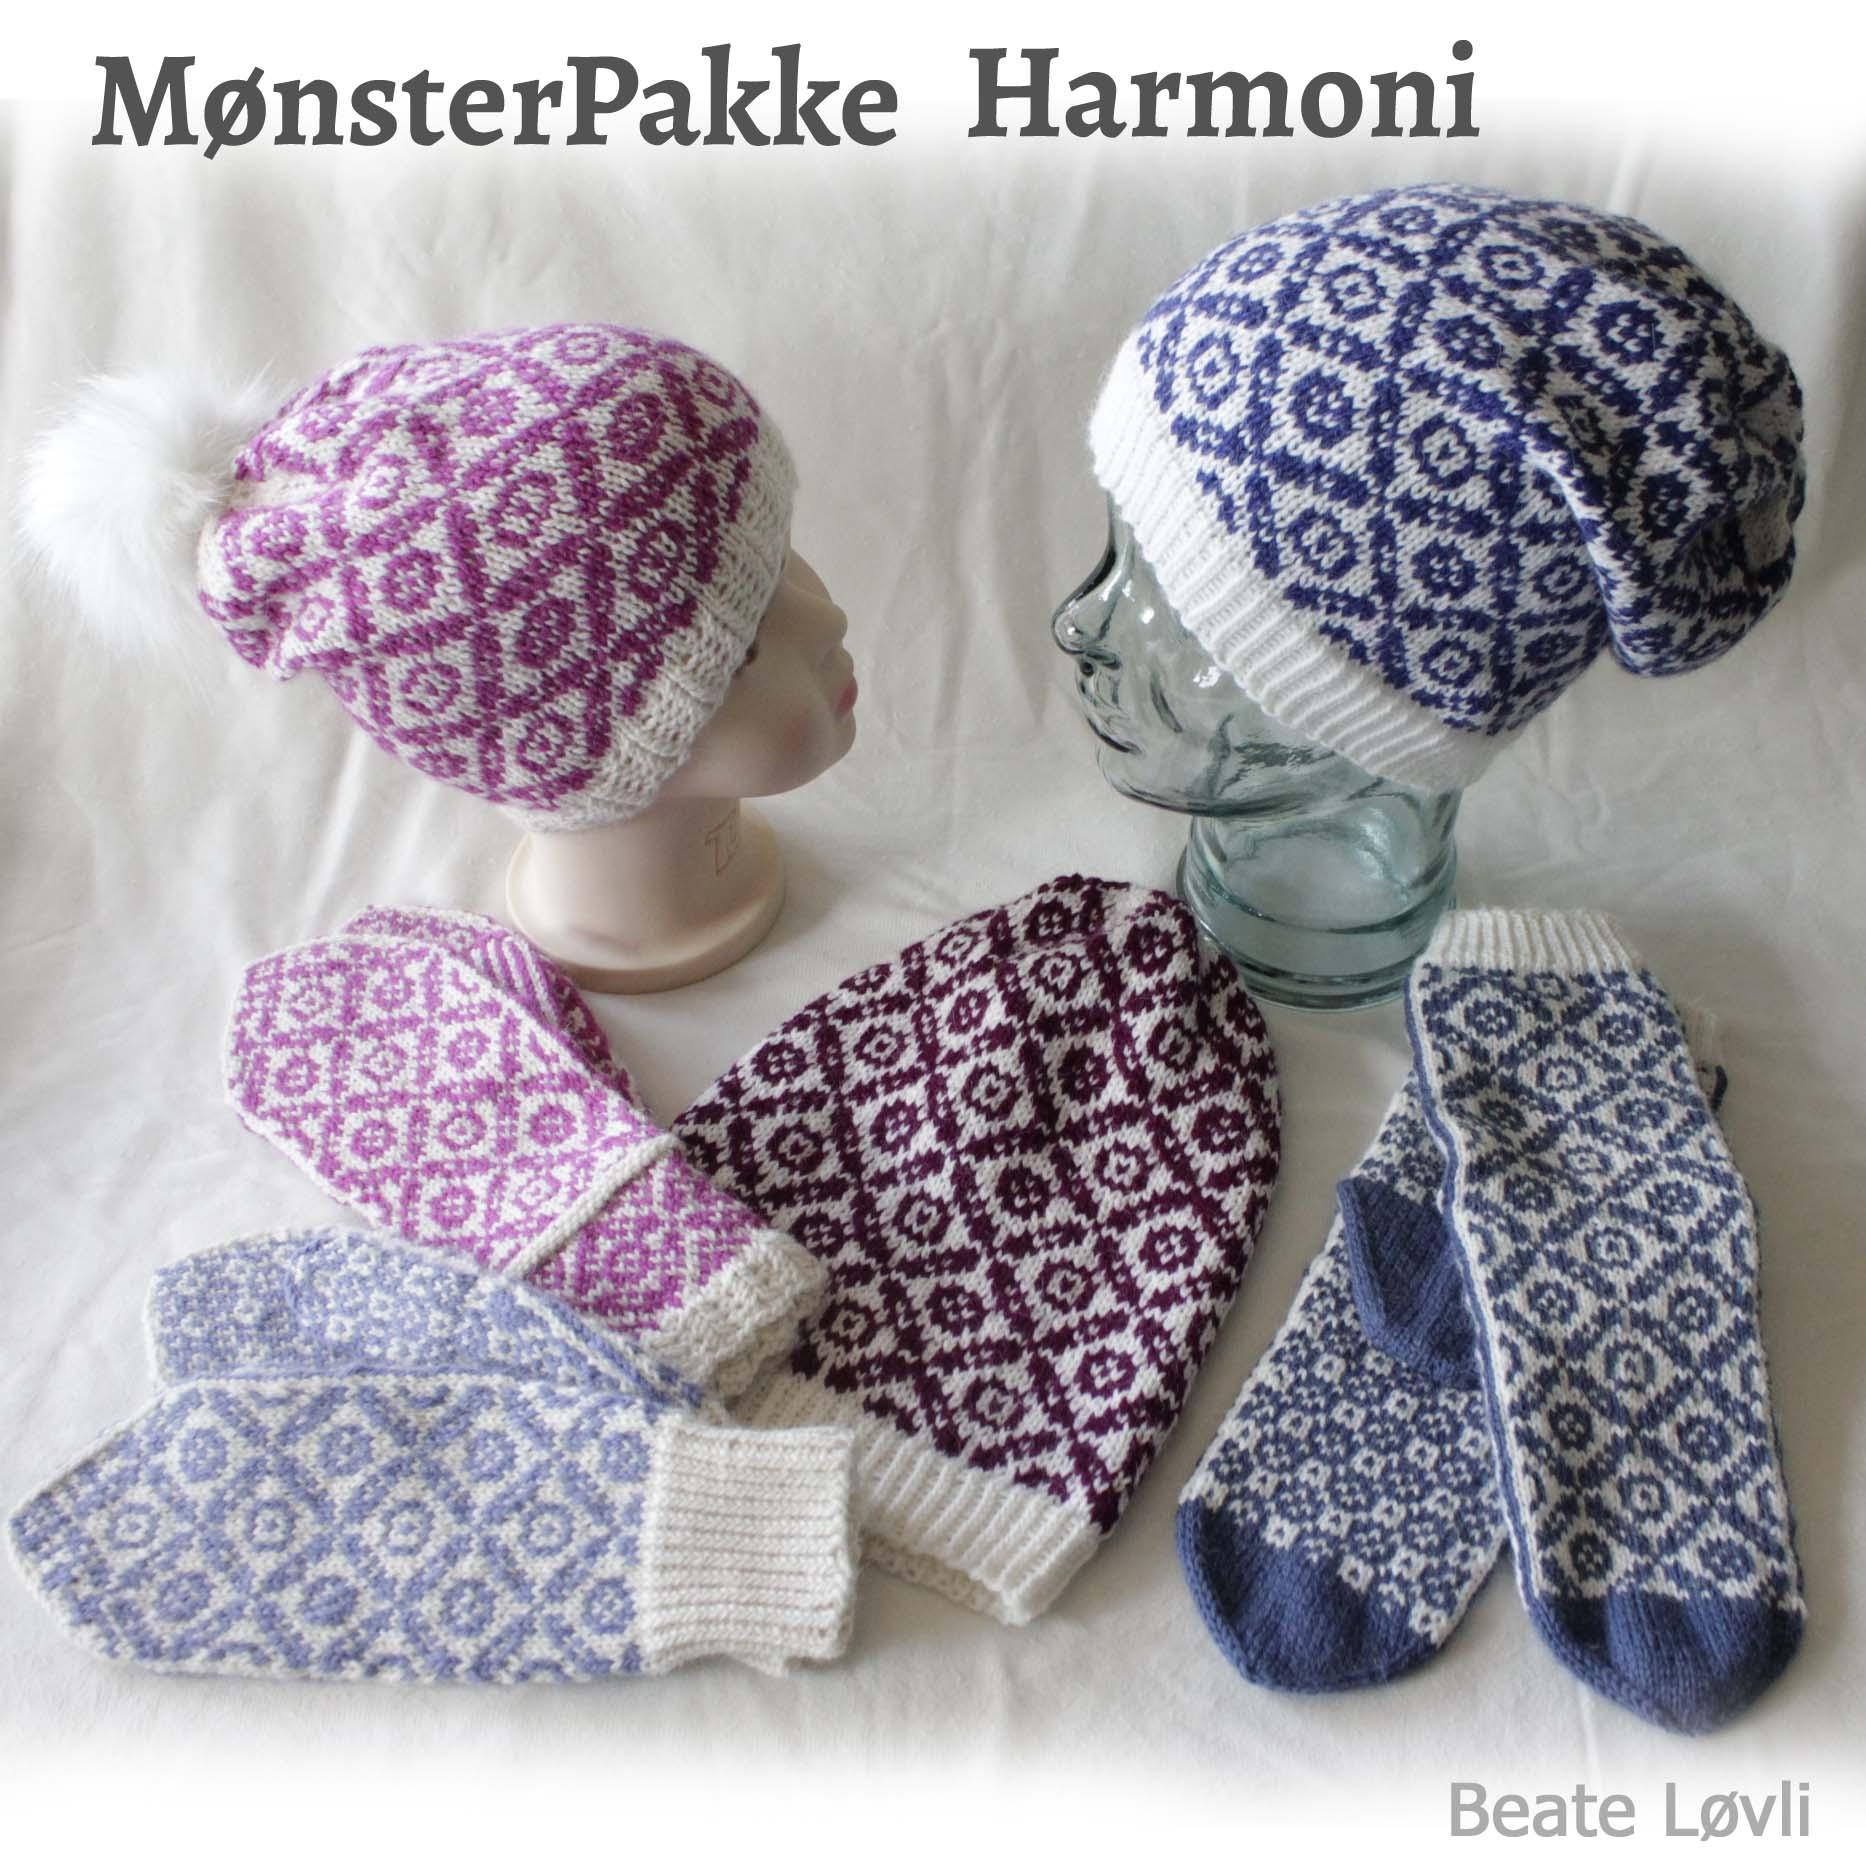 mønsterpakke harmoni